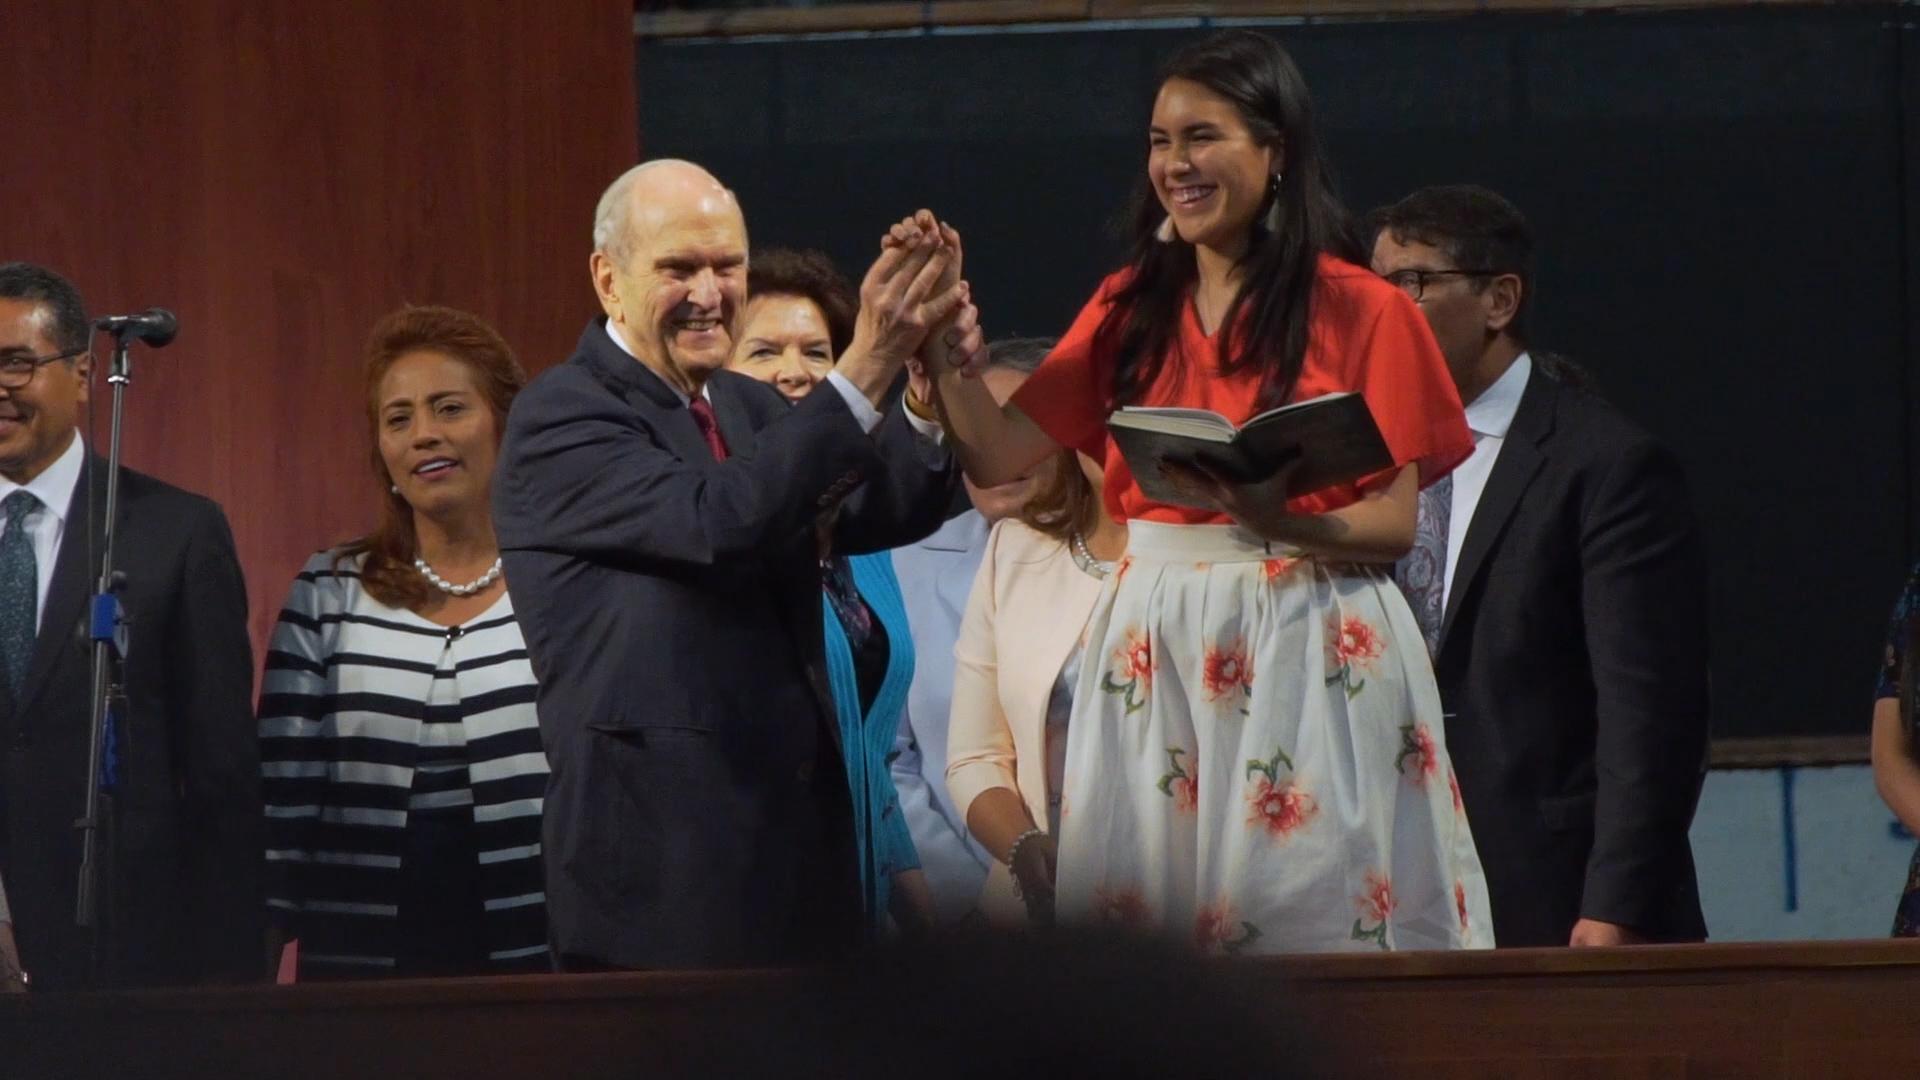 El presidente Russell M. Nelson, de La Iglesia de Jesucristo de los Santos de los Últimos Días, ayuda a Isabela Castellano mientras dirige una canción al final de un devocional de la gira ministerial latinoamericana en Quito, Ecuador, el lunes, 26 de agosto de 2019.